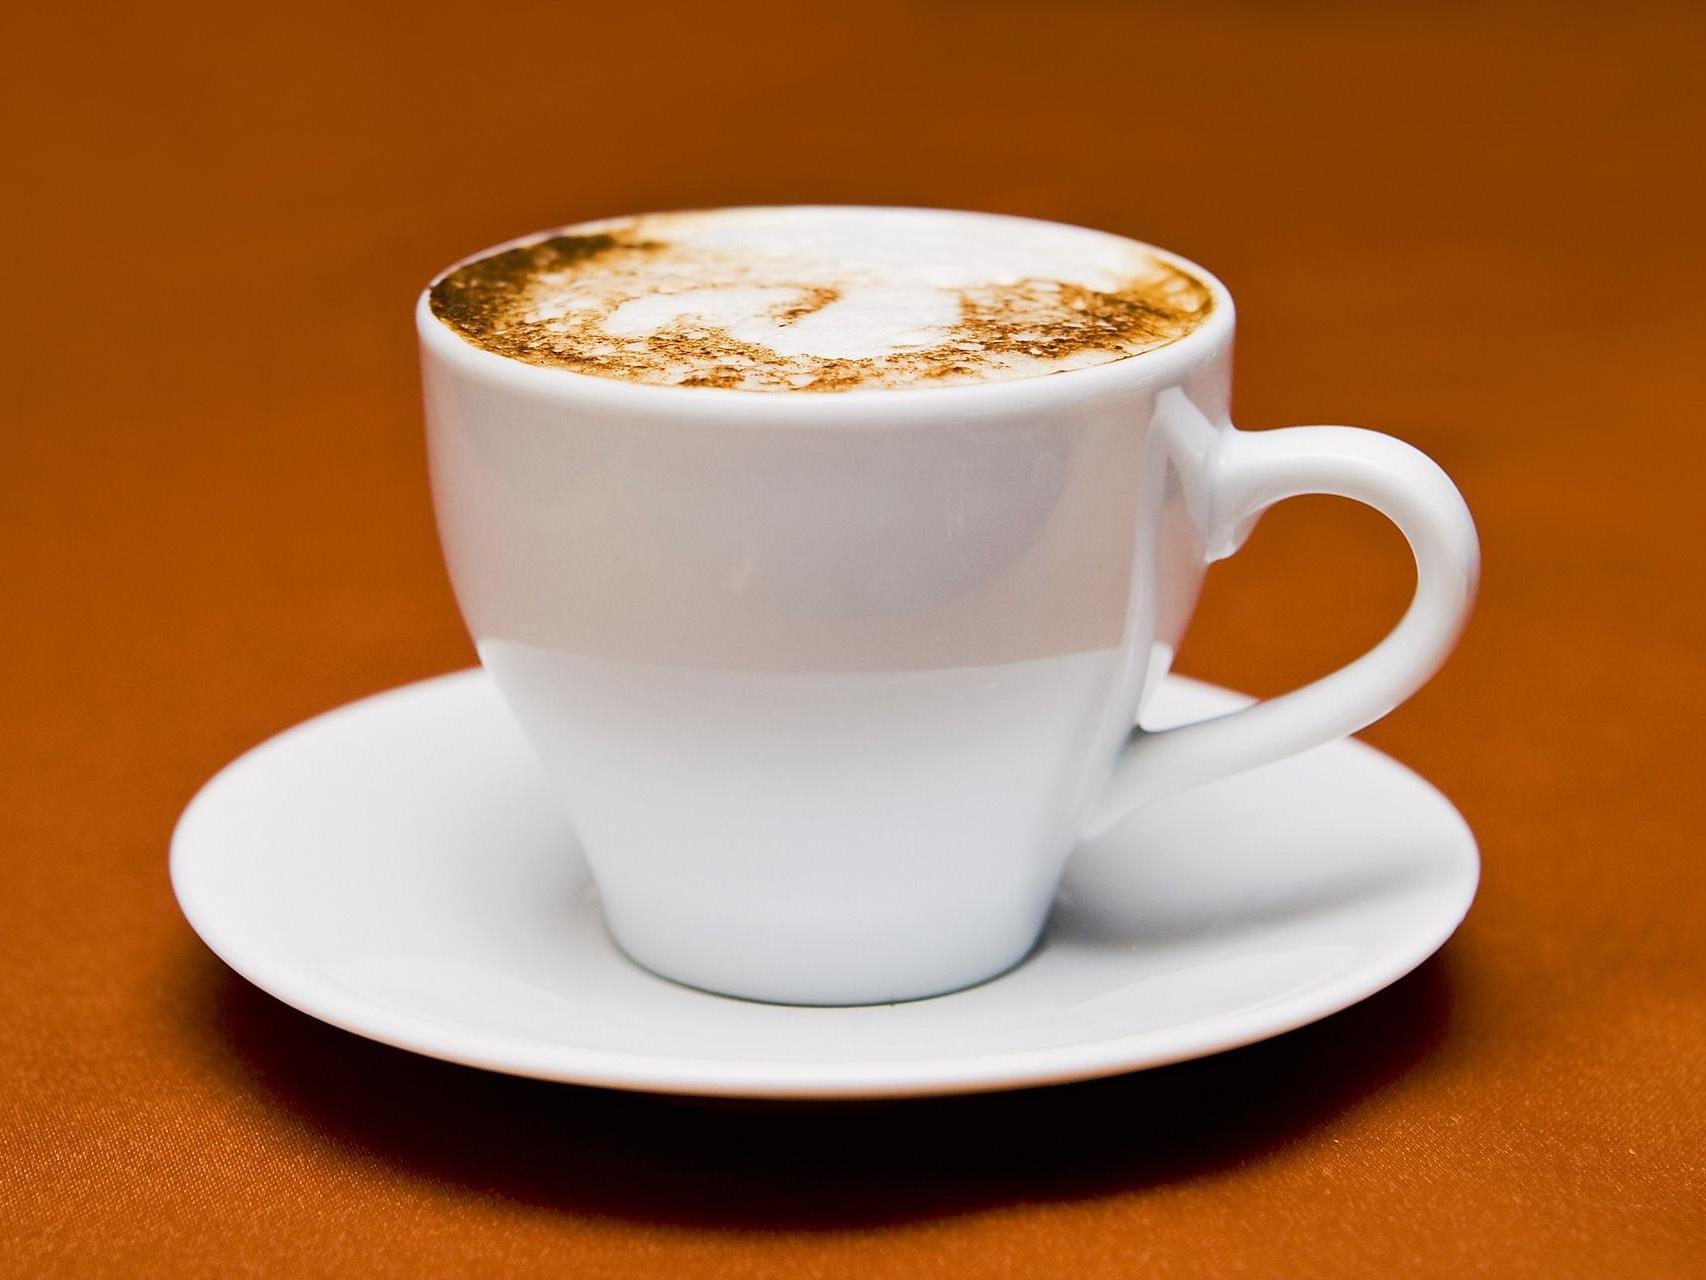 In Cappuccino-Kapseln muss Röstkaffee enthalten sein, entschied das OLG Wien.